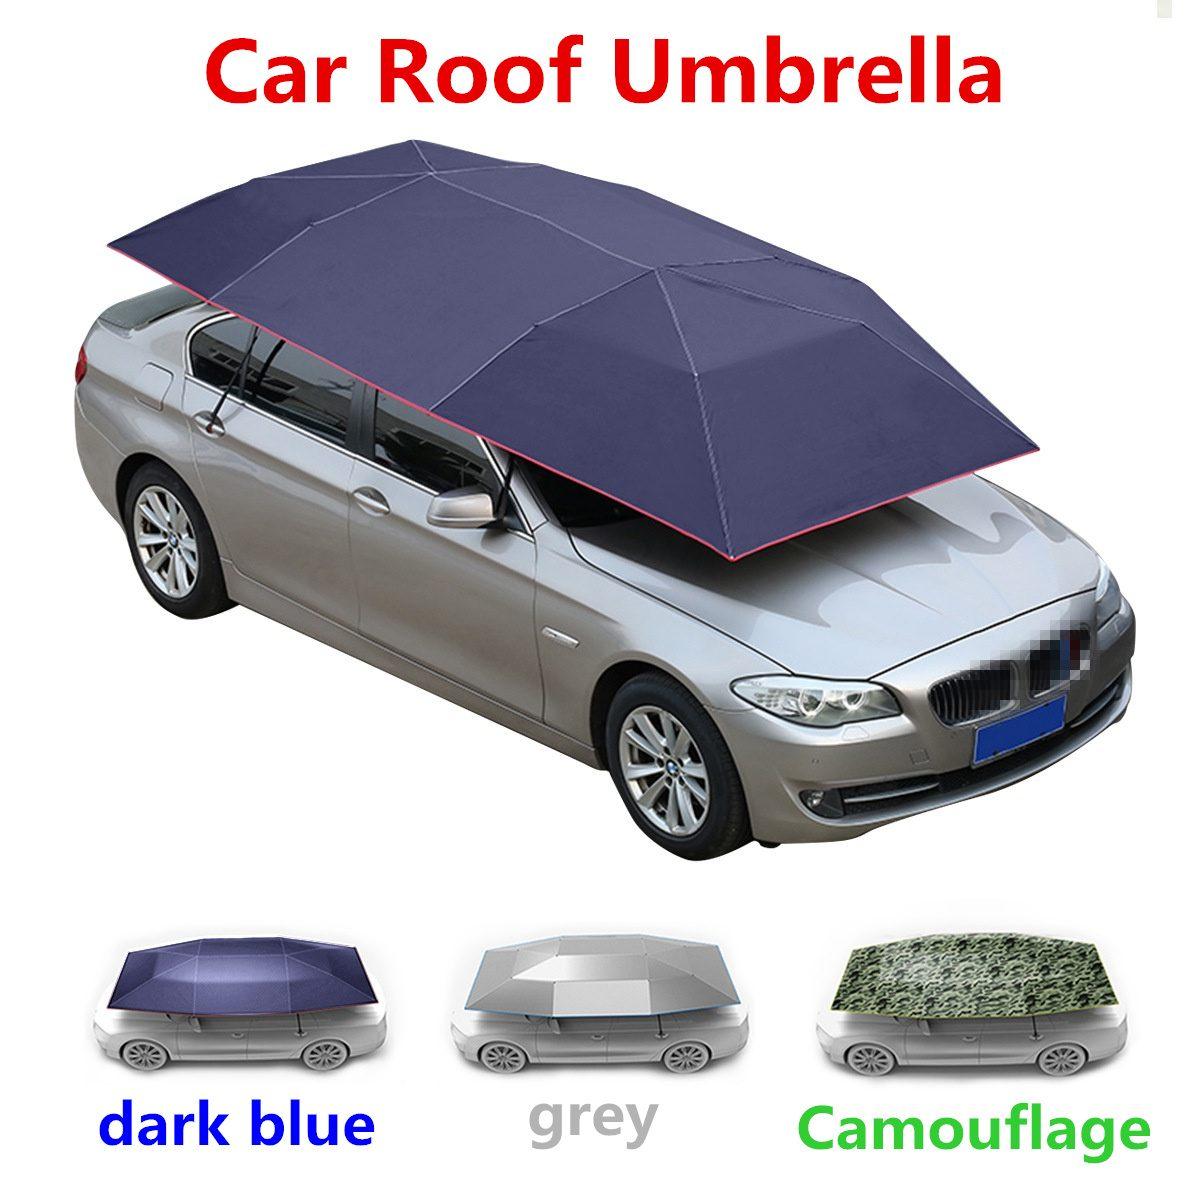 450x230 400x210 cm voiture Extra Large Oxford tissu pare-soleil abri tente couverture de toit parapluie Protection UV extérieure sans squelette